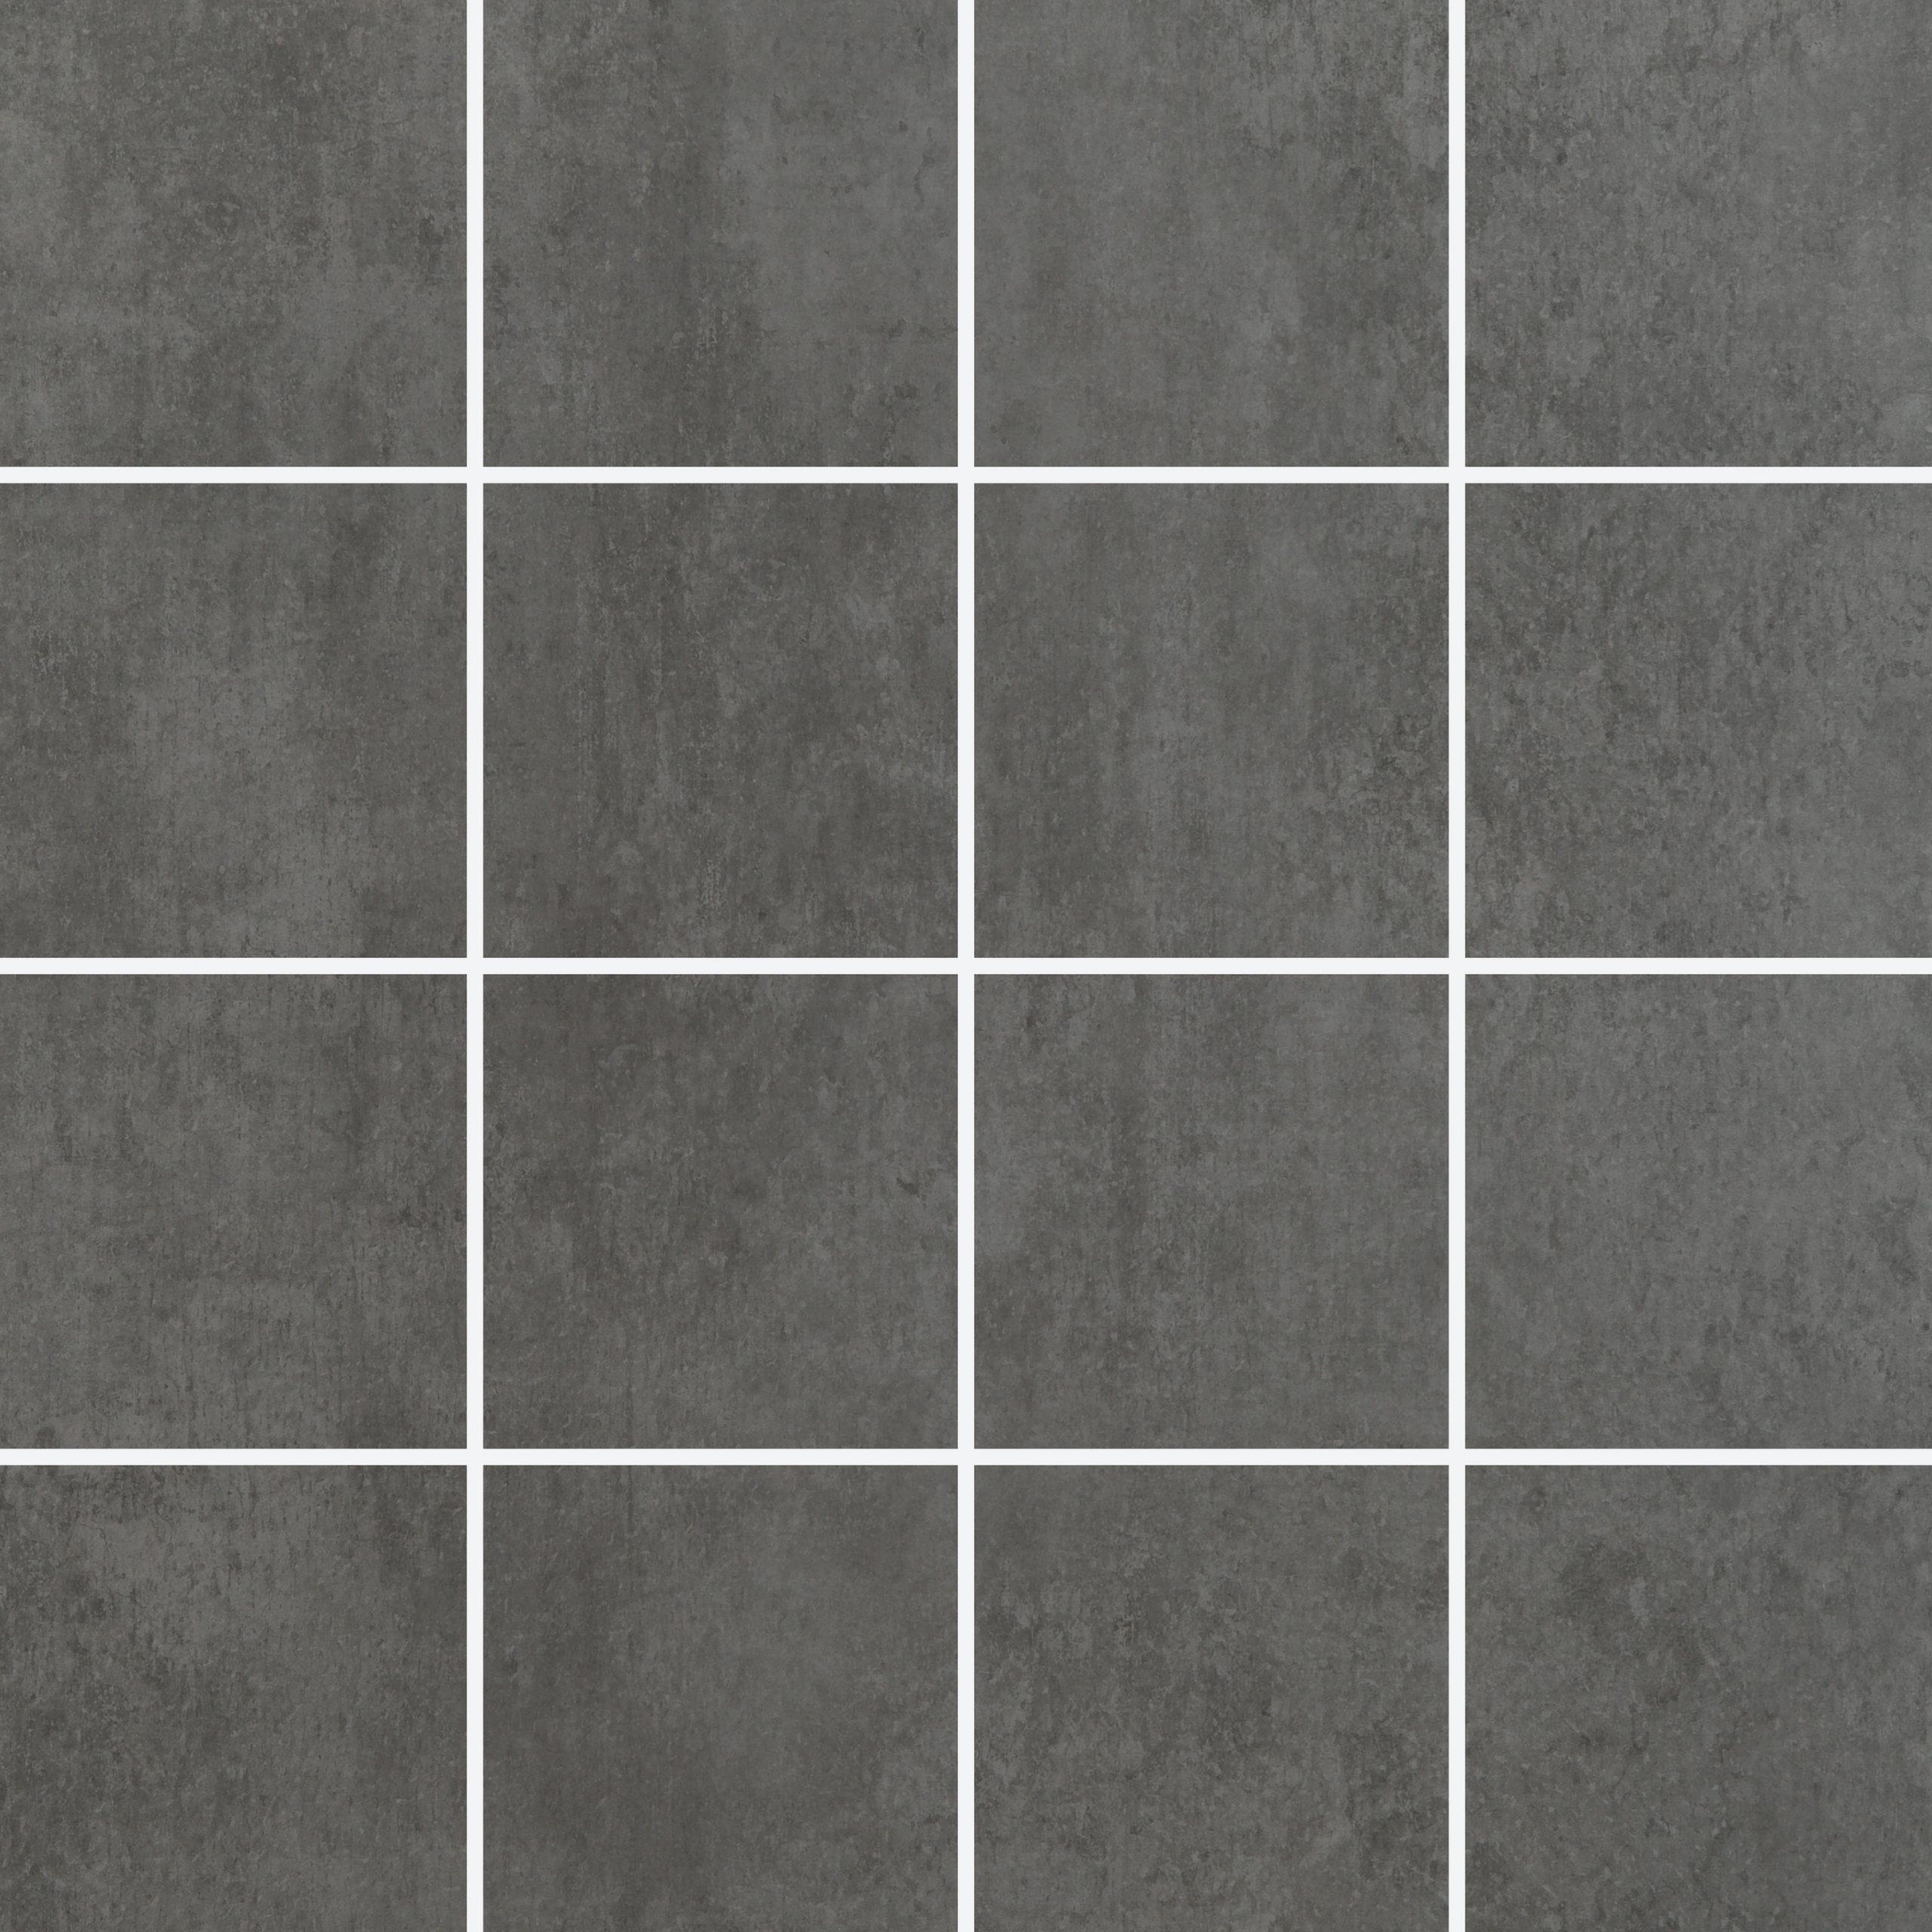 kostičková mozaika v šedé barvě NORWICH Gris